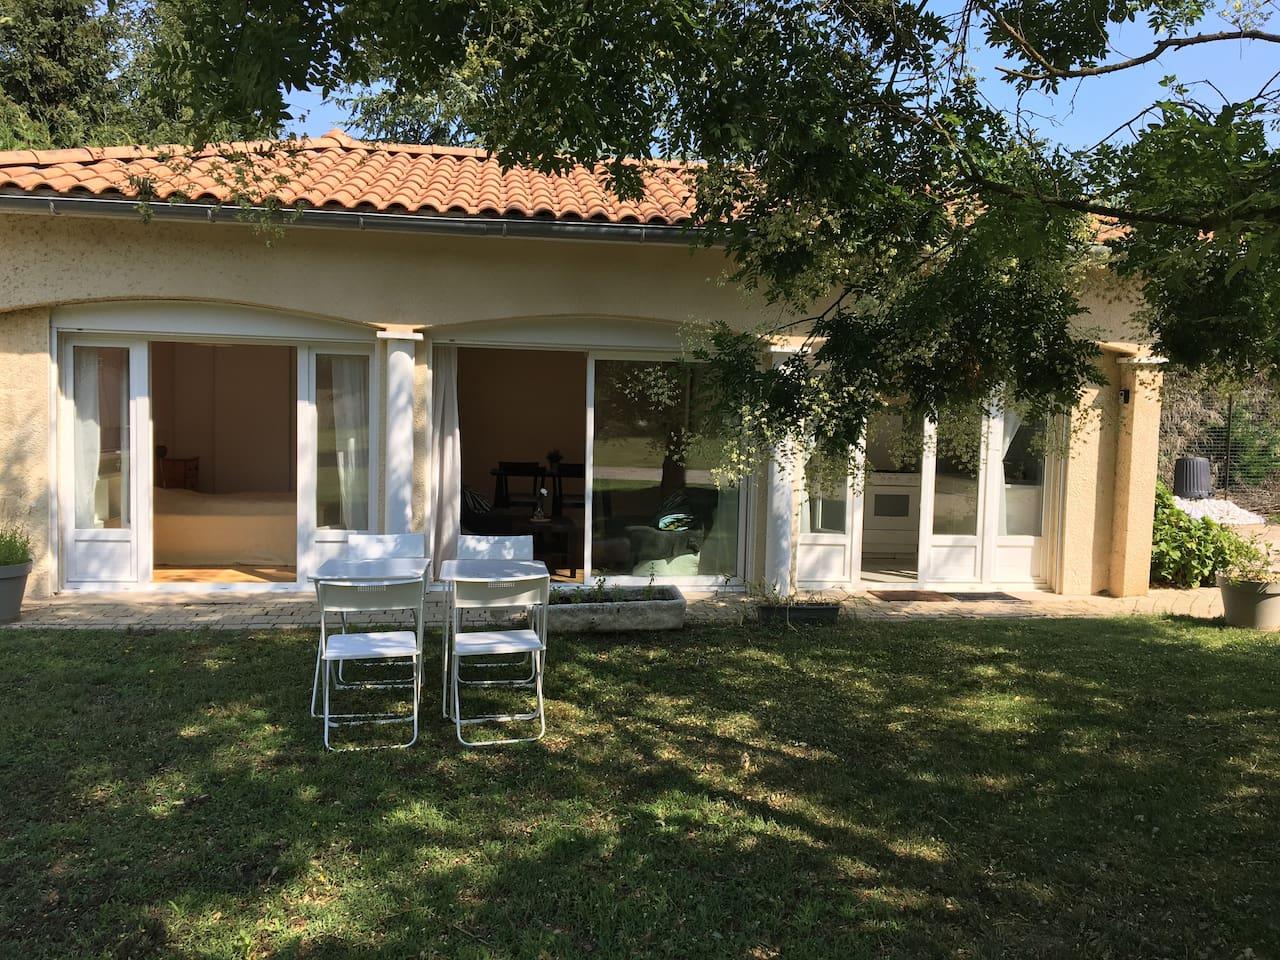 Le logement totalement indépendant vu de l'extérieur, accessible de plain pied et avec grandes fenêtres s'ouvrant sur le jardin sans vis à vis